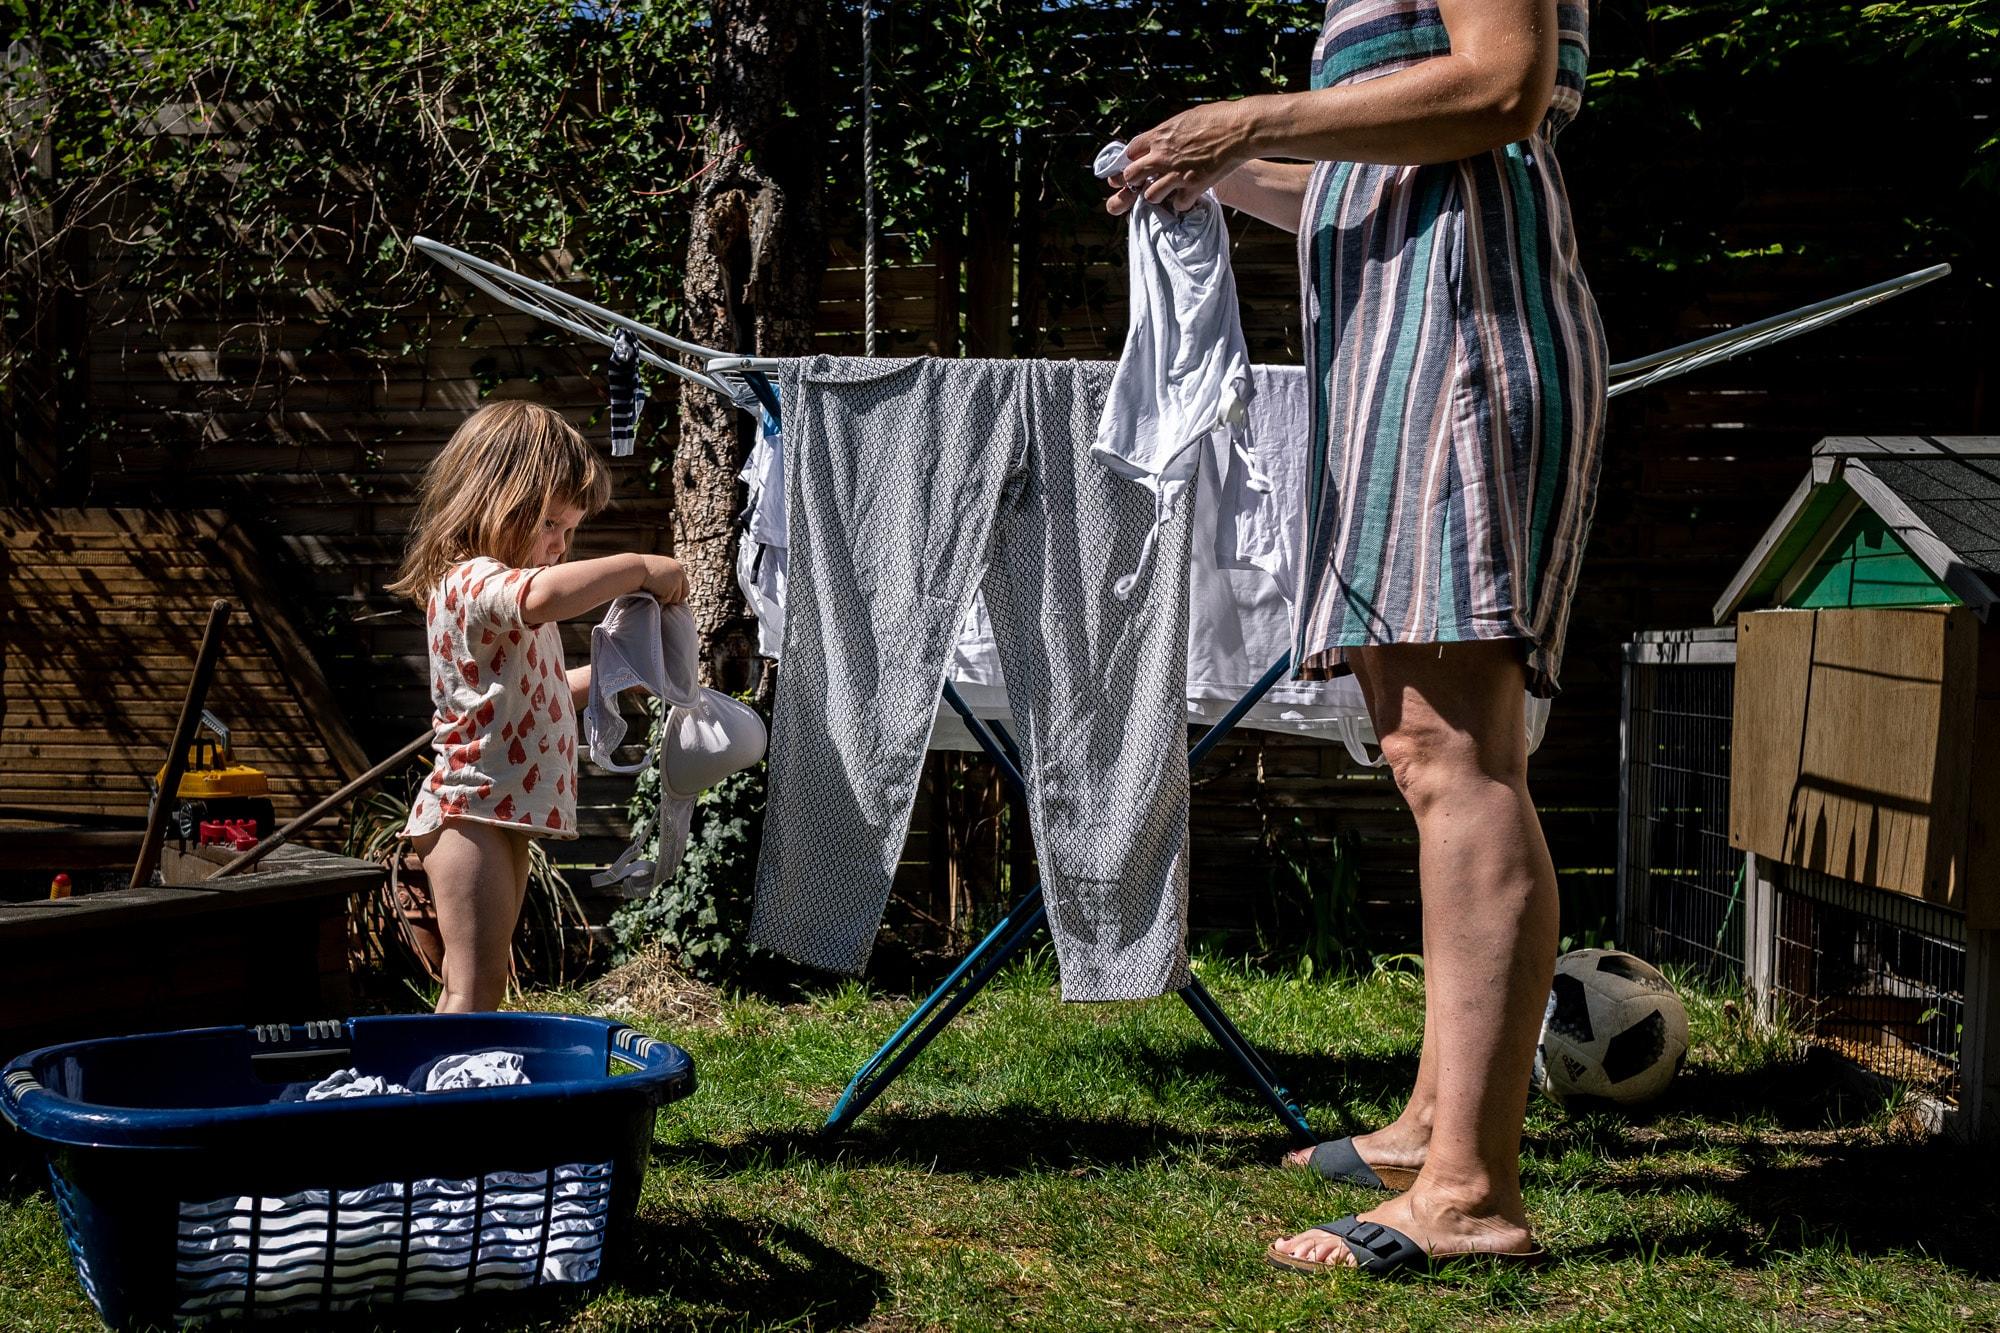 Ein Mädchen und eine Frau hängen zusammen Wäsche auf.